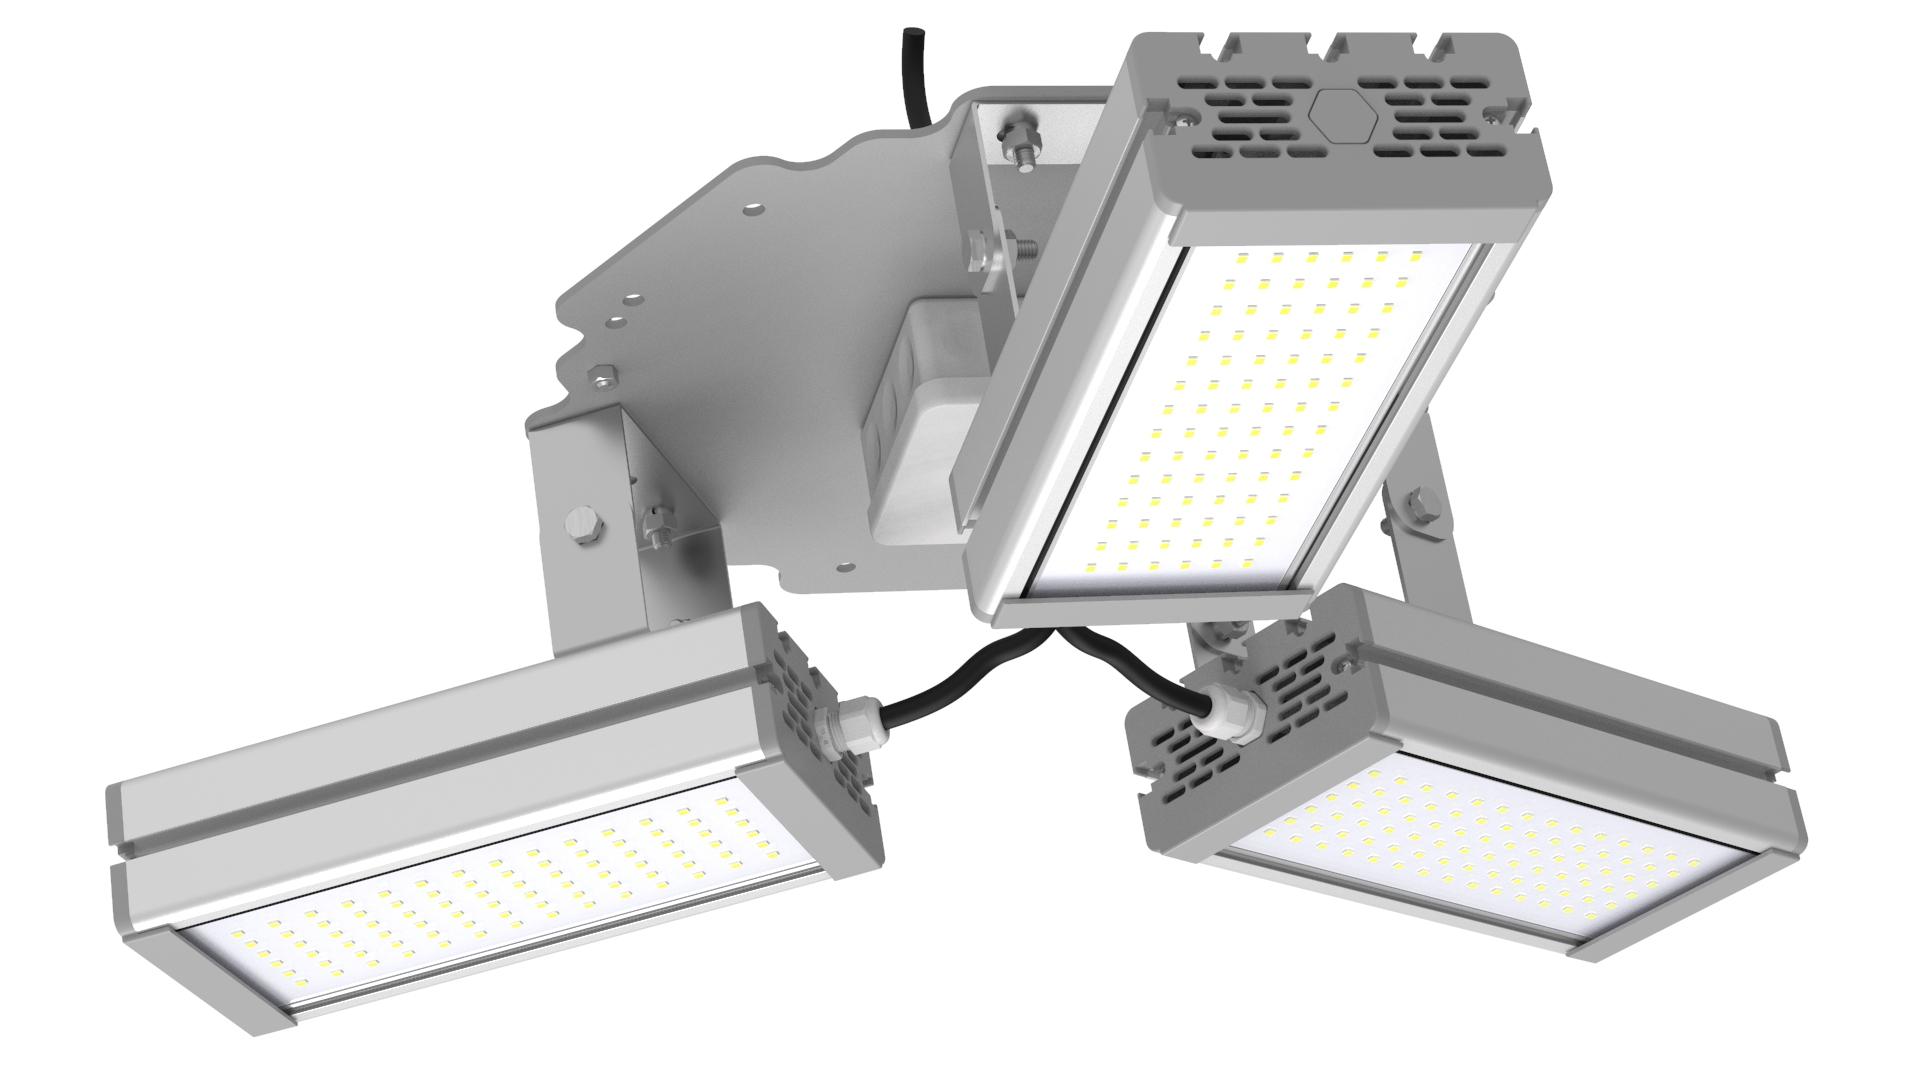 Светильник подвесной Ромашка High-Bay SVT-P-FLOWER-96Вт (с защитой от 380В, трос)